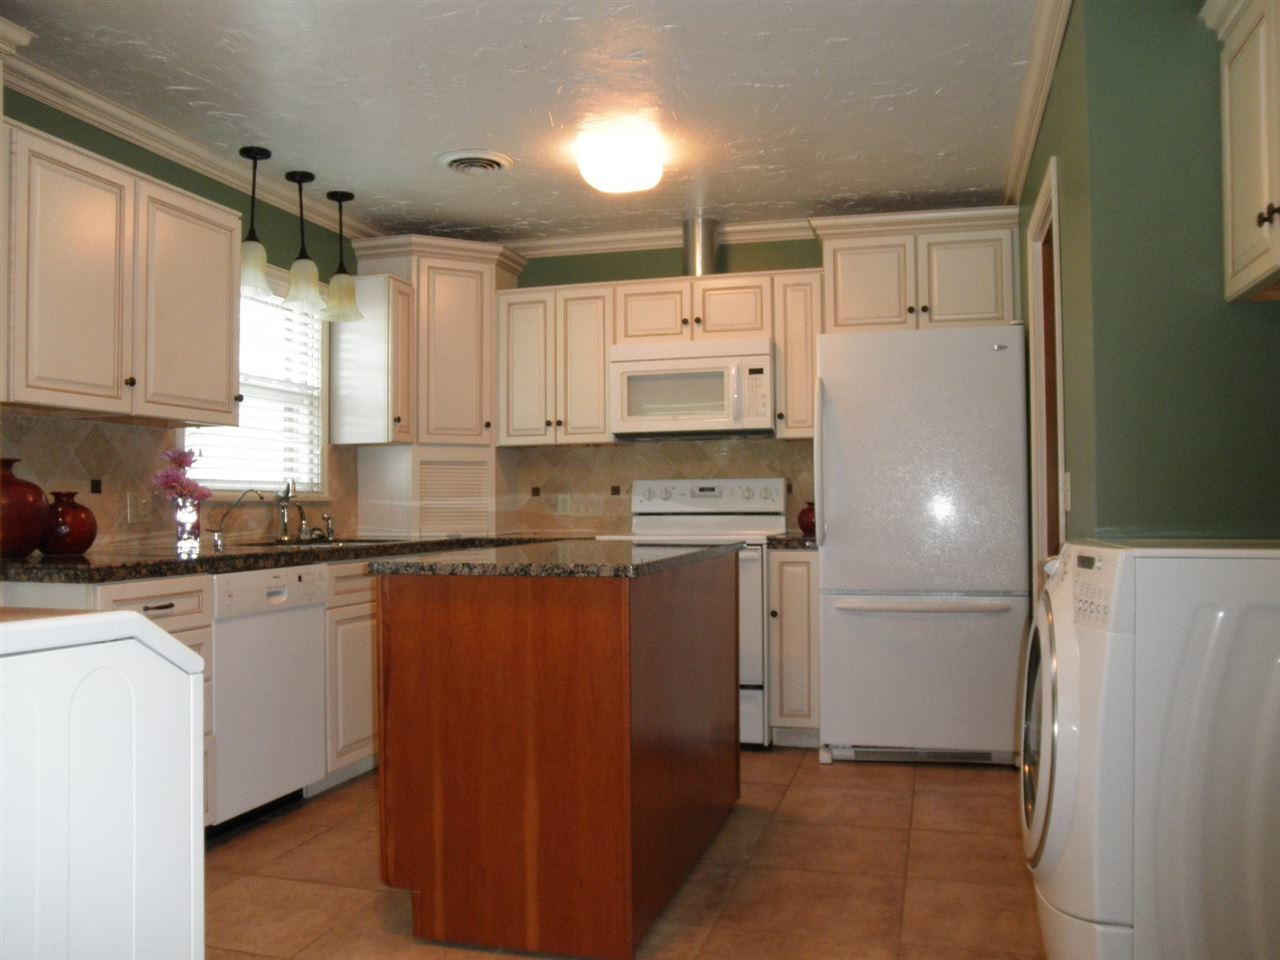 Sold Cross Sale W/ MLS | 1227 S Main  Blackwell, OK 74631 12